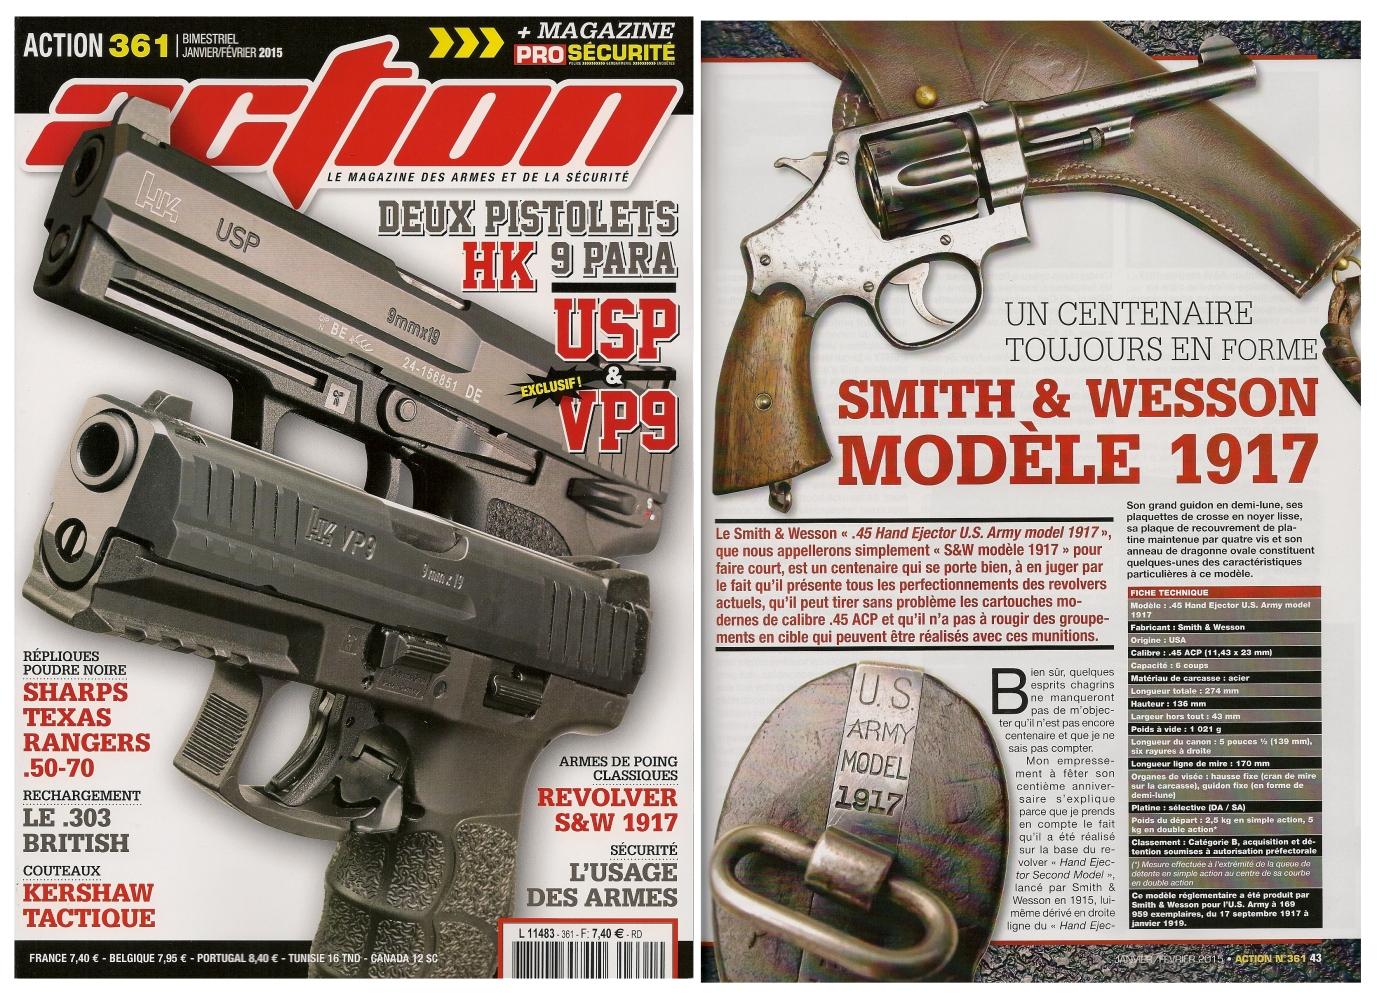 Le banc d'essai du revolver S&W modèle 1917 a été publié sur 6 pages dans le magazine Action n° 361 (janvier-février 2015).